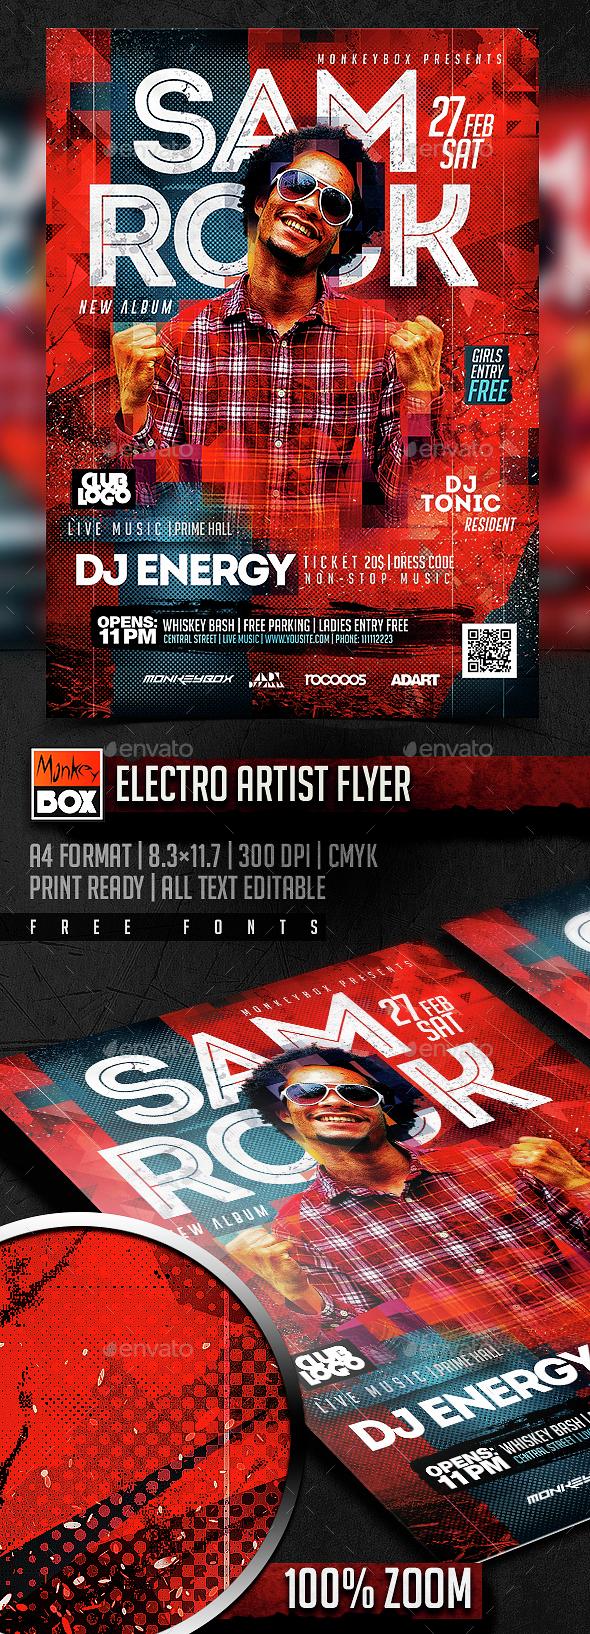 Electro Artist Flyer - Flyers Print Templates